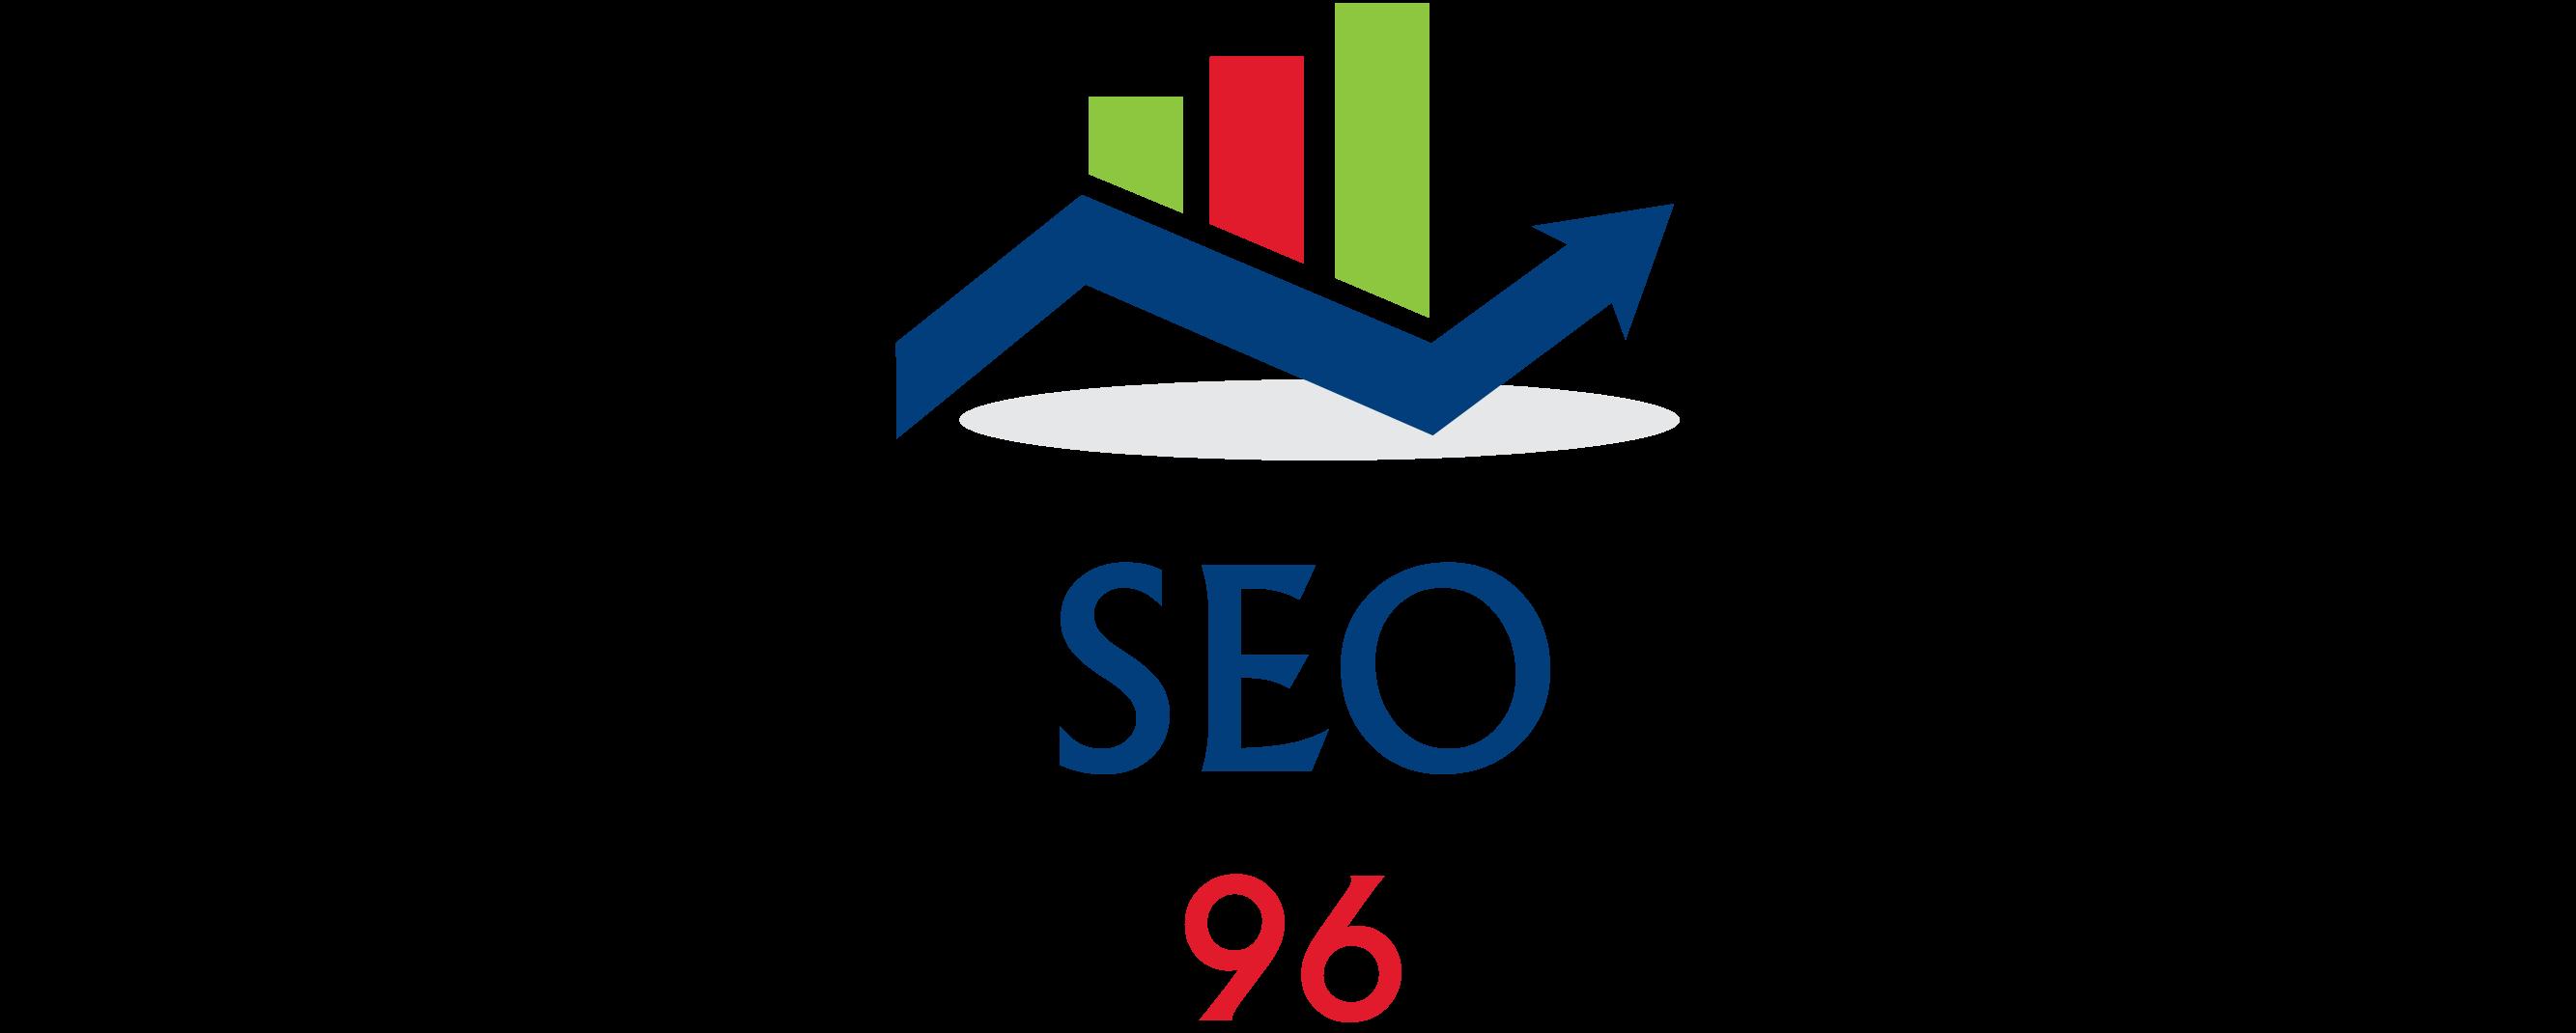 SEO96 – Hannovers Kompetenzagentur für ein besseres Google Ranking